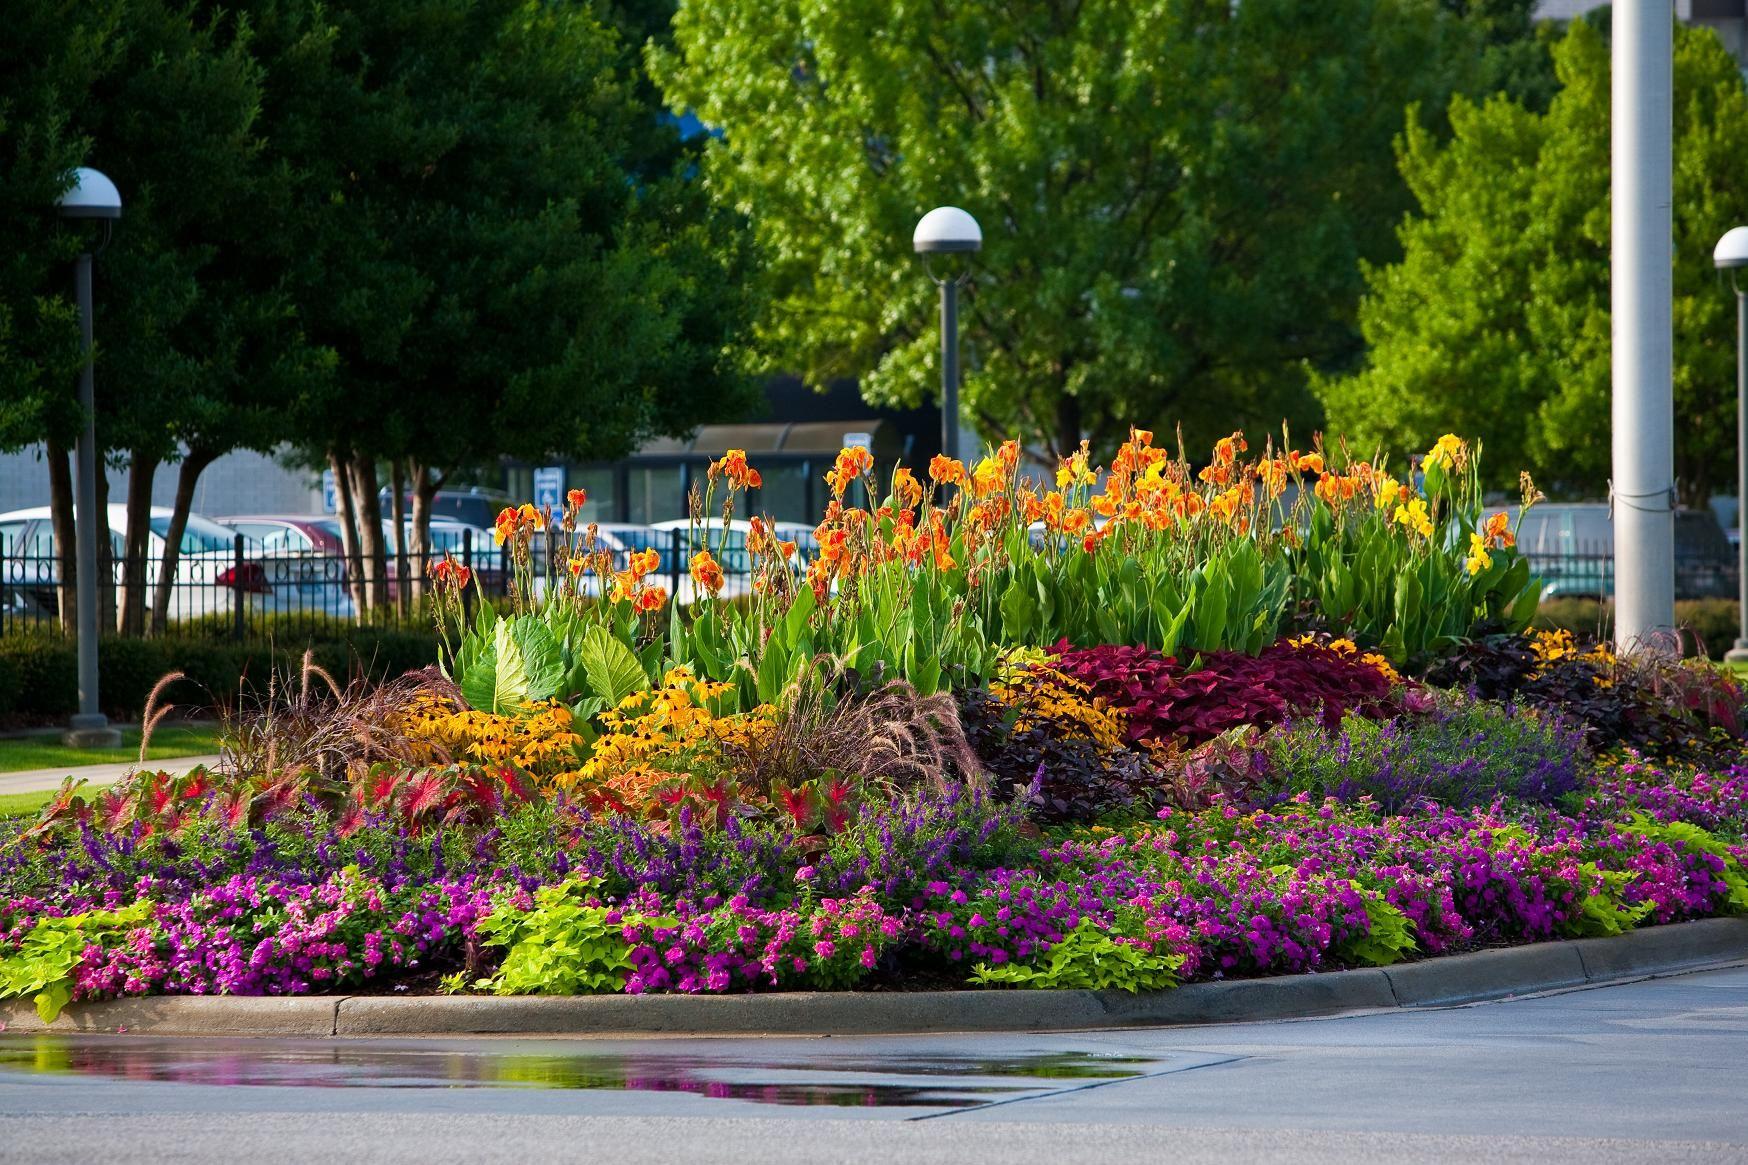 Perennial garden layout ideas 1748 1165 pixels - Perennial flower bed design plans ...